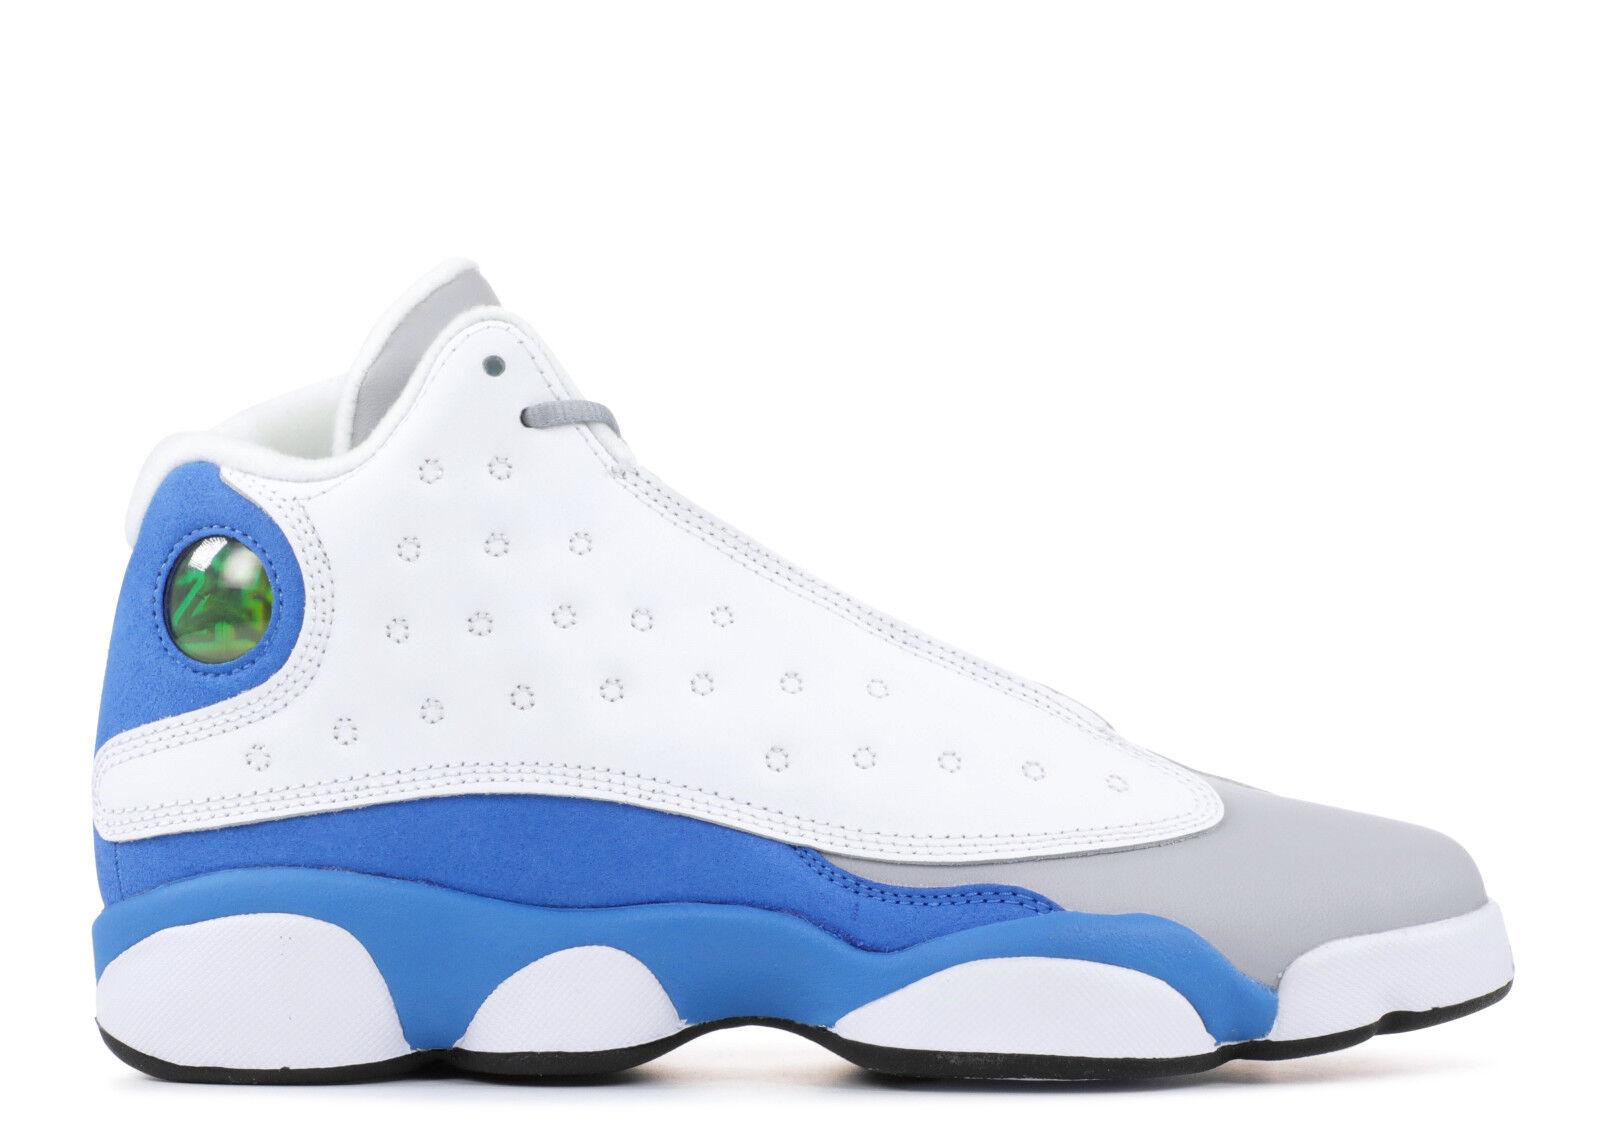 Nike Air Jordan 13 XIII Retro Italy Blue Size 8.5y. 439358-107 8.5